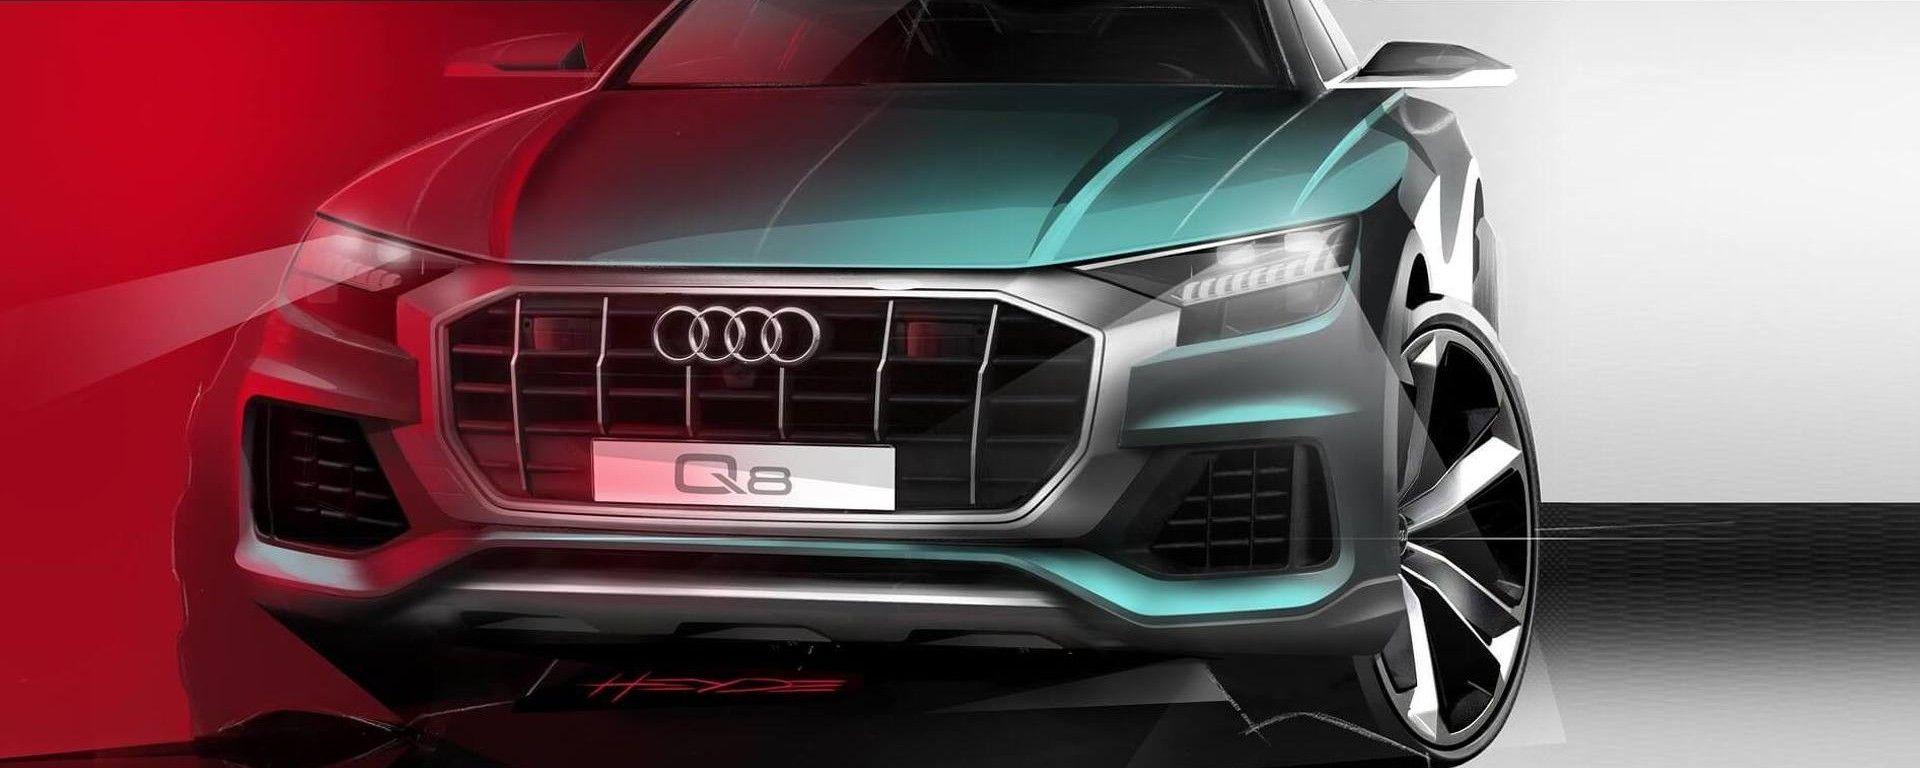 Nuova Audi Q8, un teaser tira l'altro. Ecco il frontale